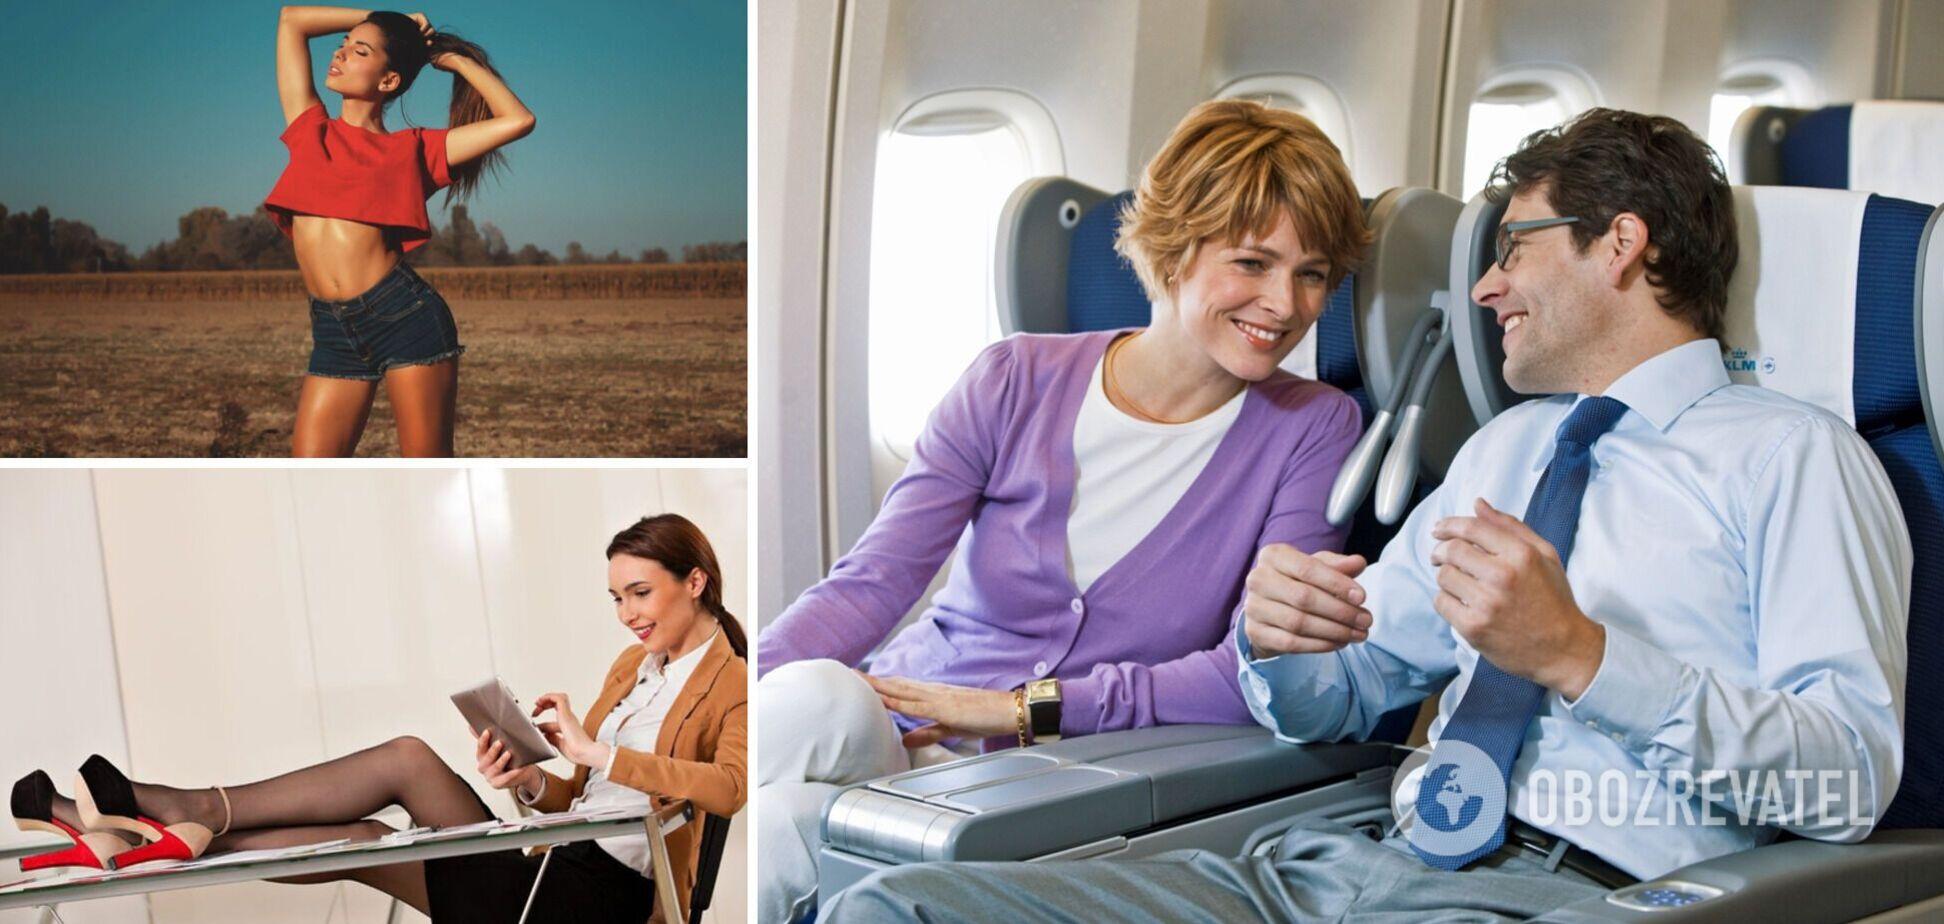 Обычно люди выбирают неудобную одежду в самолет.